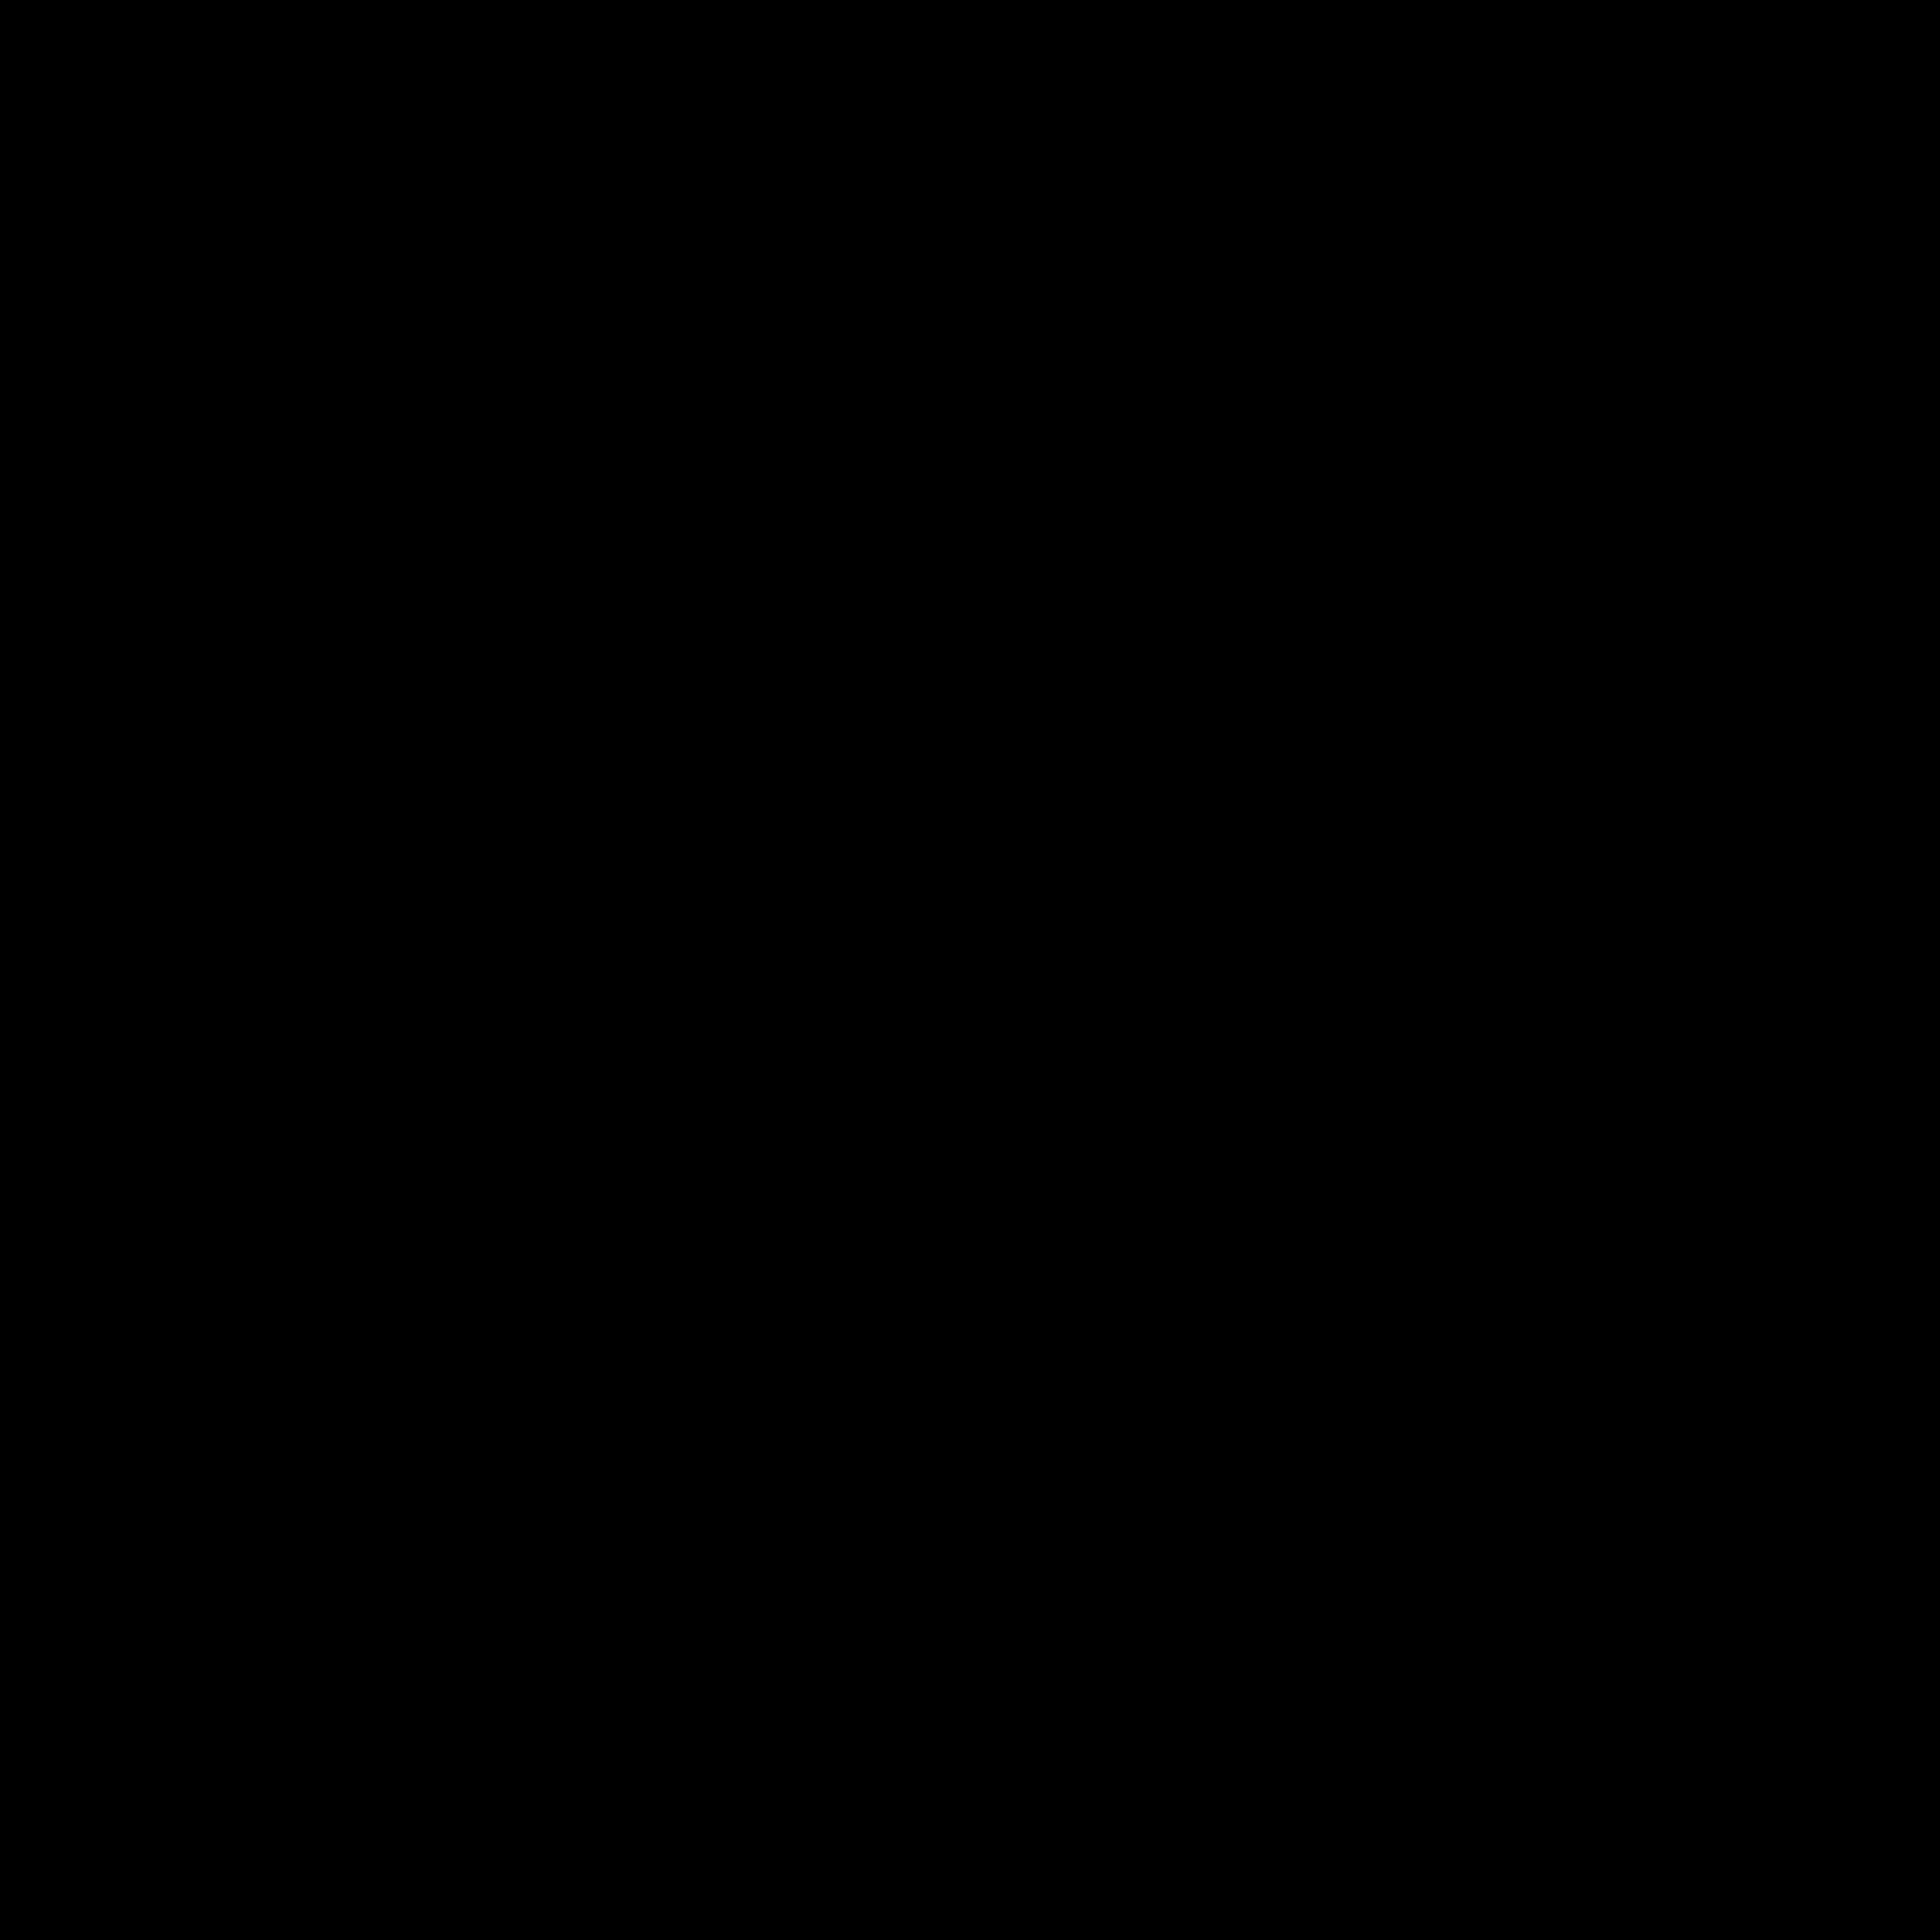 Symbol Of Capacitor.